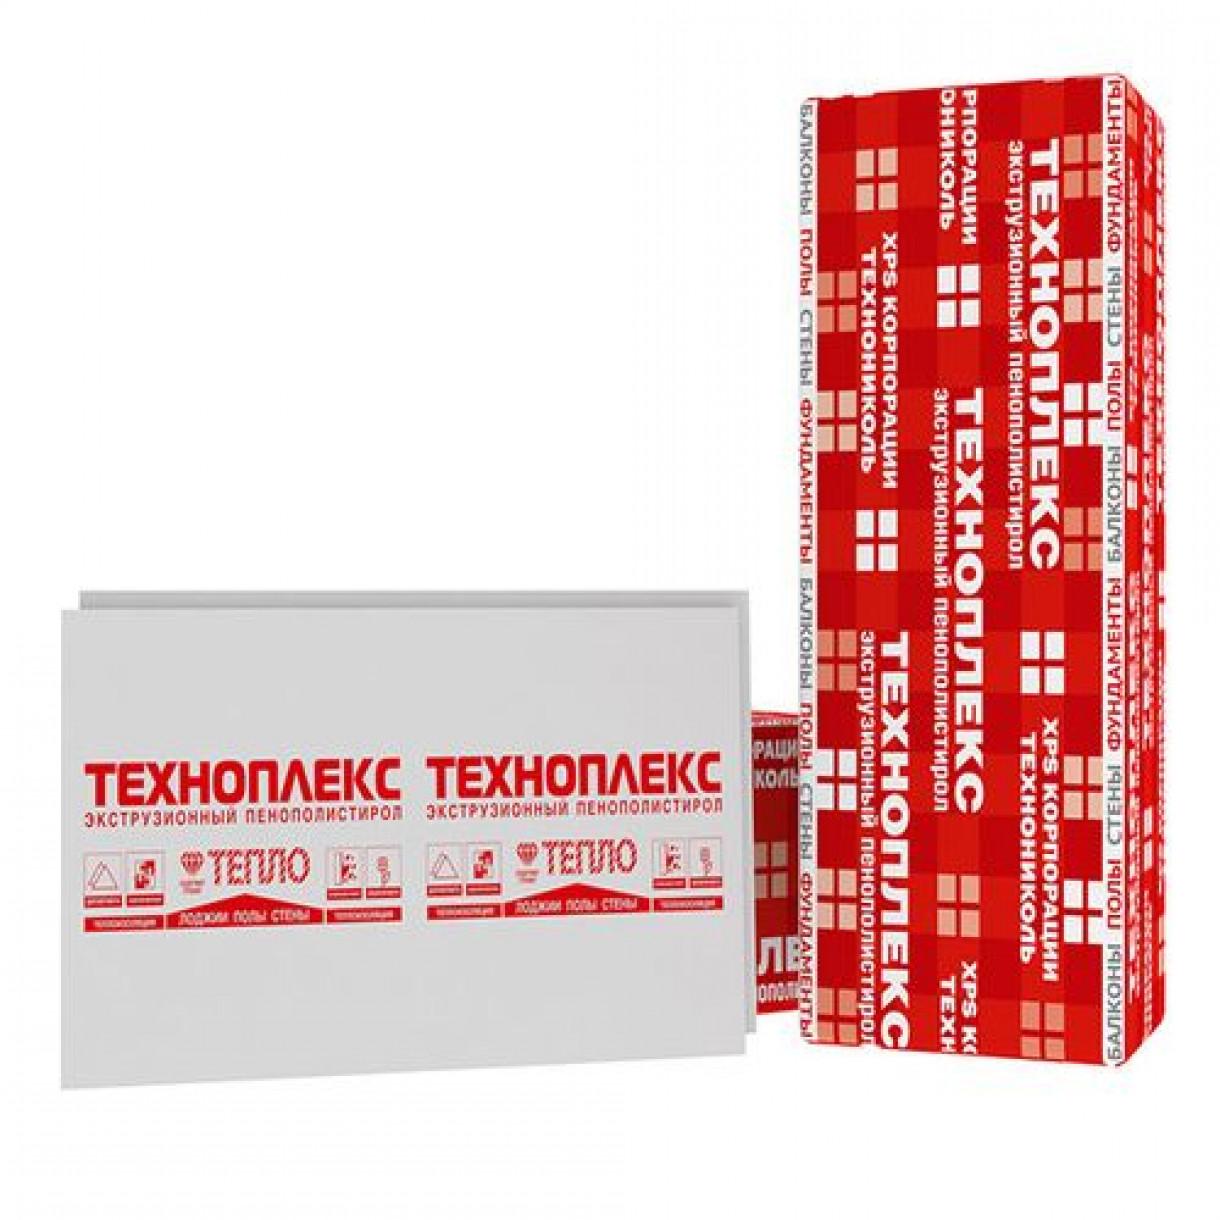 Утеплители пеноплекс технониколь: технические характеристики